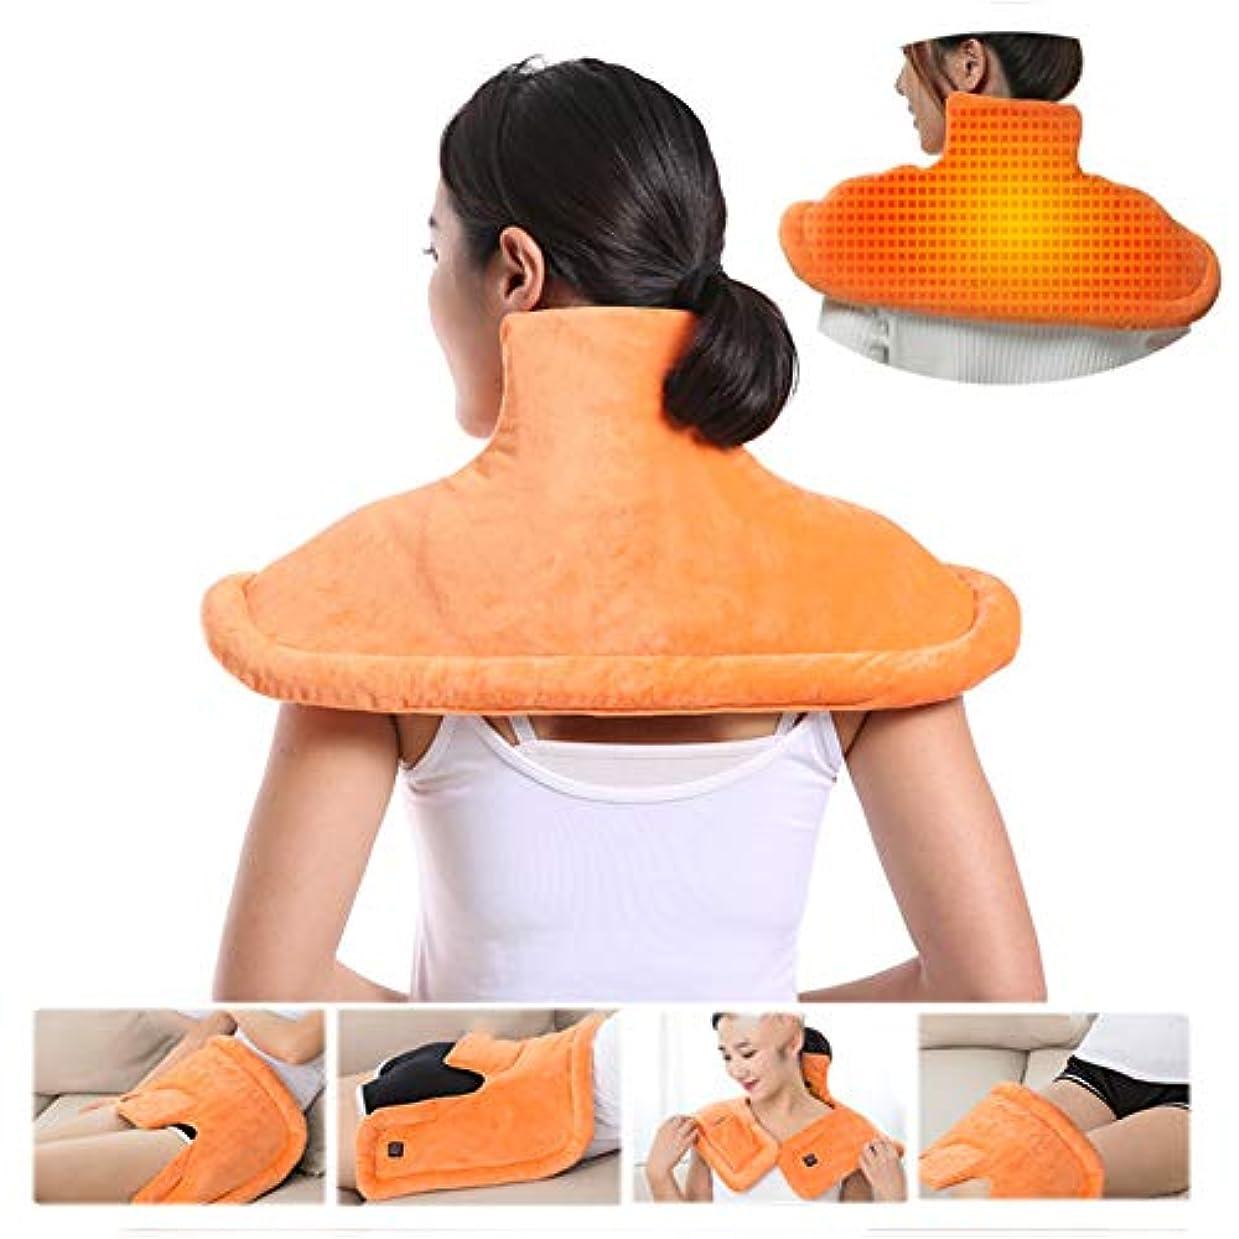 ハンディキャップセント仮定する首の肩の背部暖房パッド、マッサージのヒートラップの熱くするショールの減圧のための調節可能な強度フルボディマッサージ首の肩暖房湿った熱療法のパッド